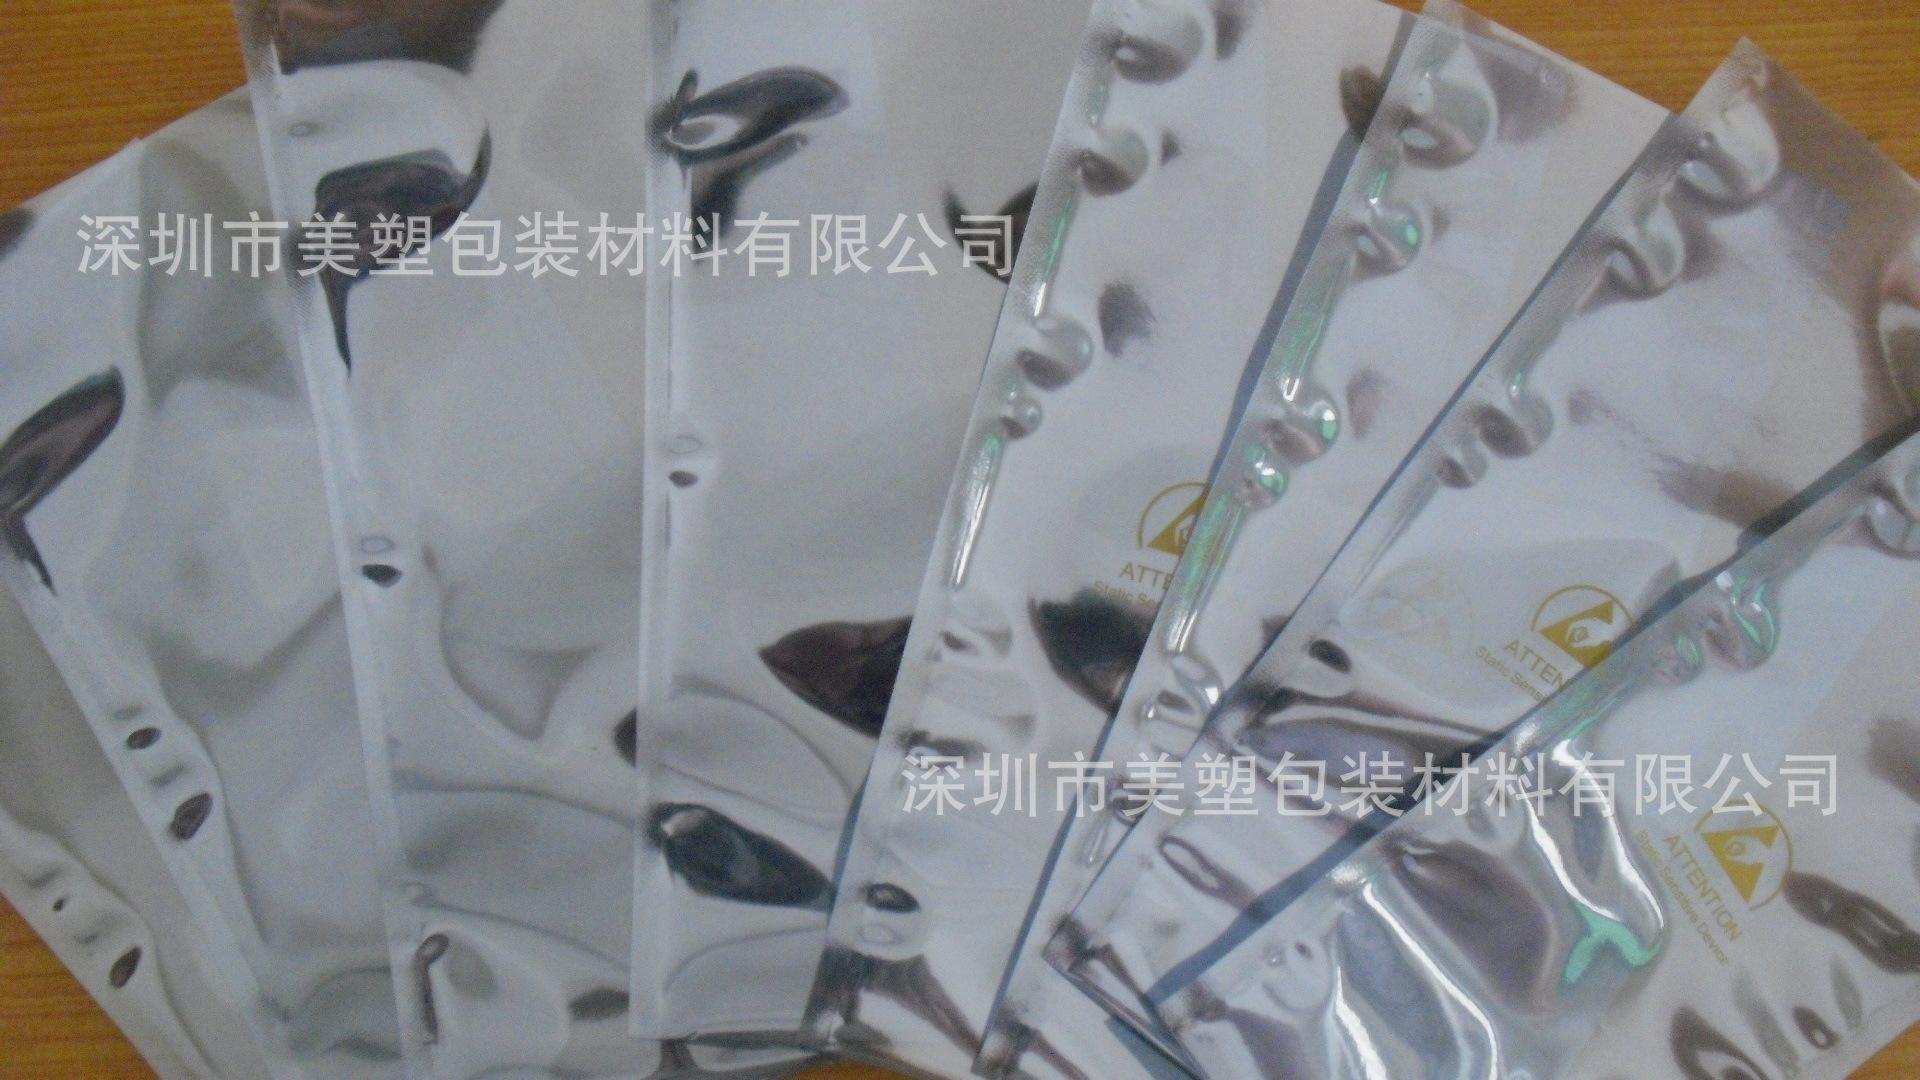 供应美塑着想牌 防静电包装袋 防静电、抽真空铝箔袋 纯铝袋